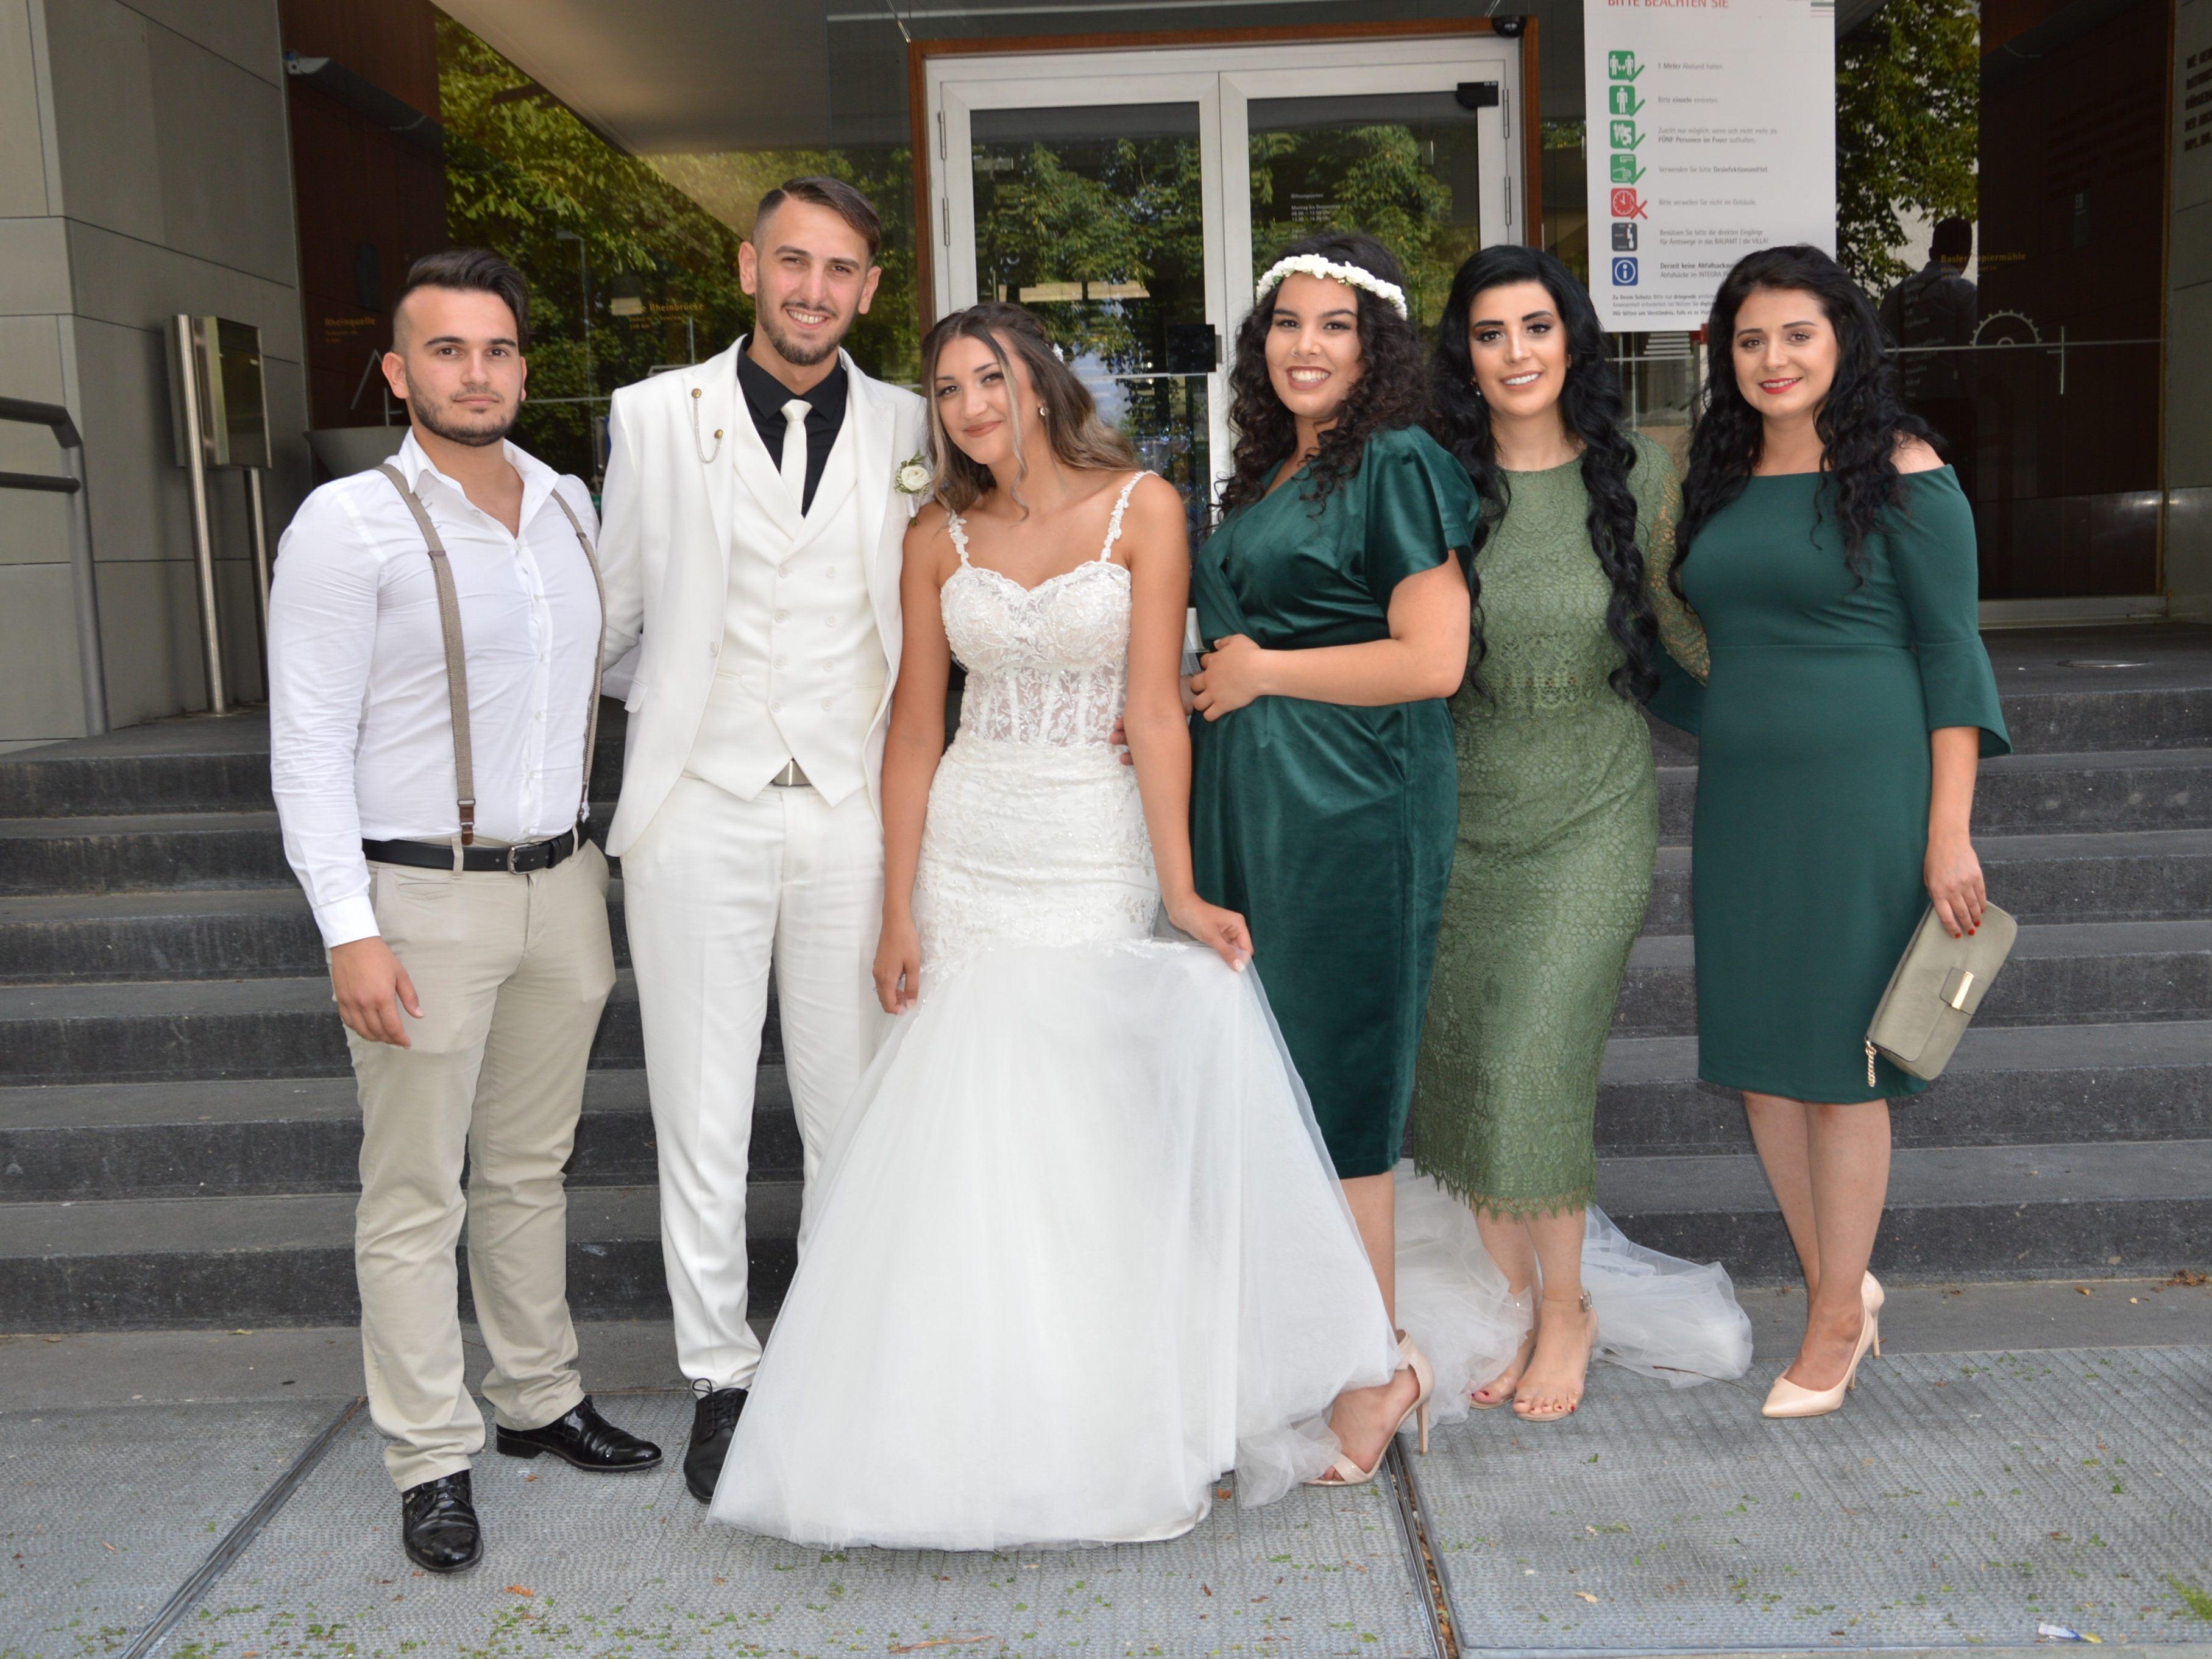 Hochzeit von Gülsüm Gebesce und Ömer Öztürk